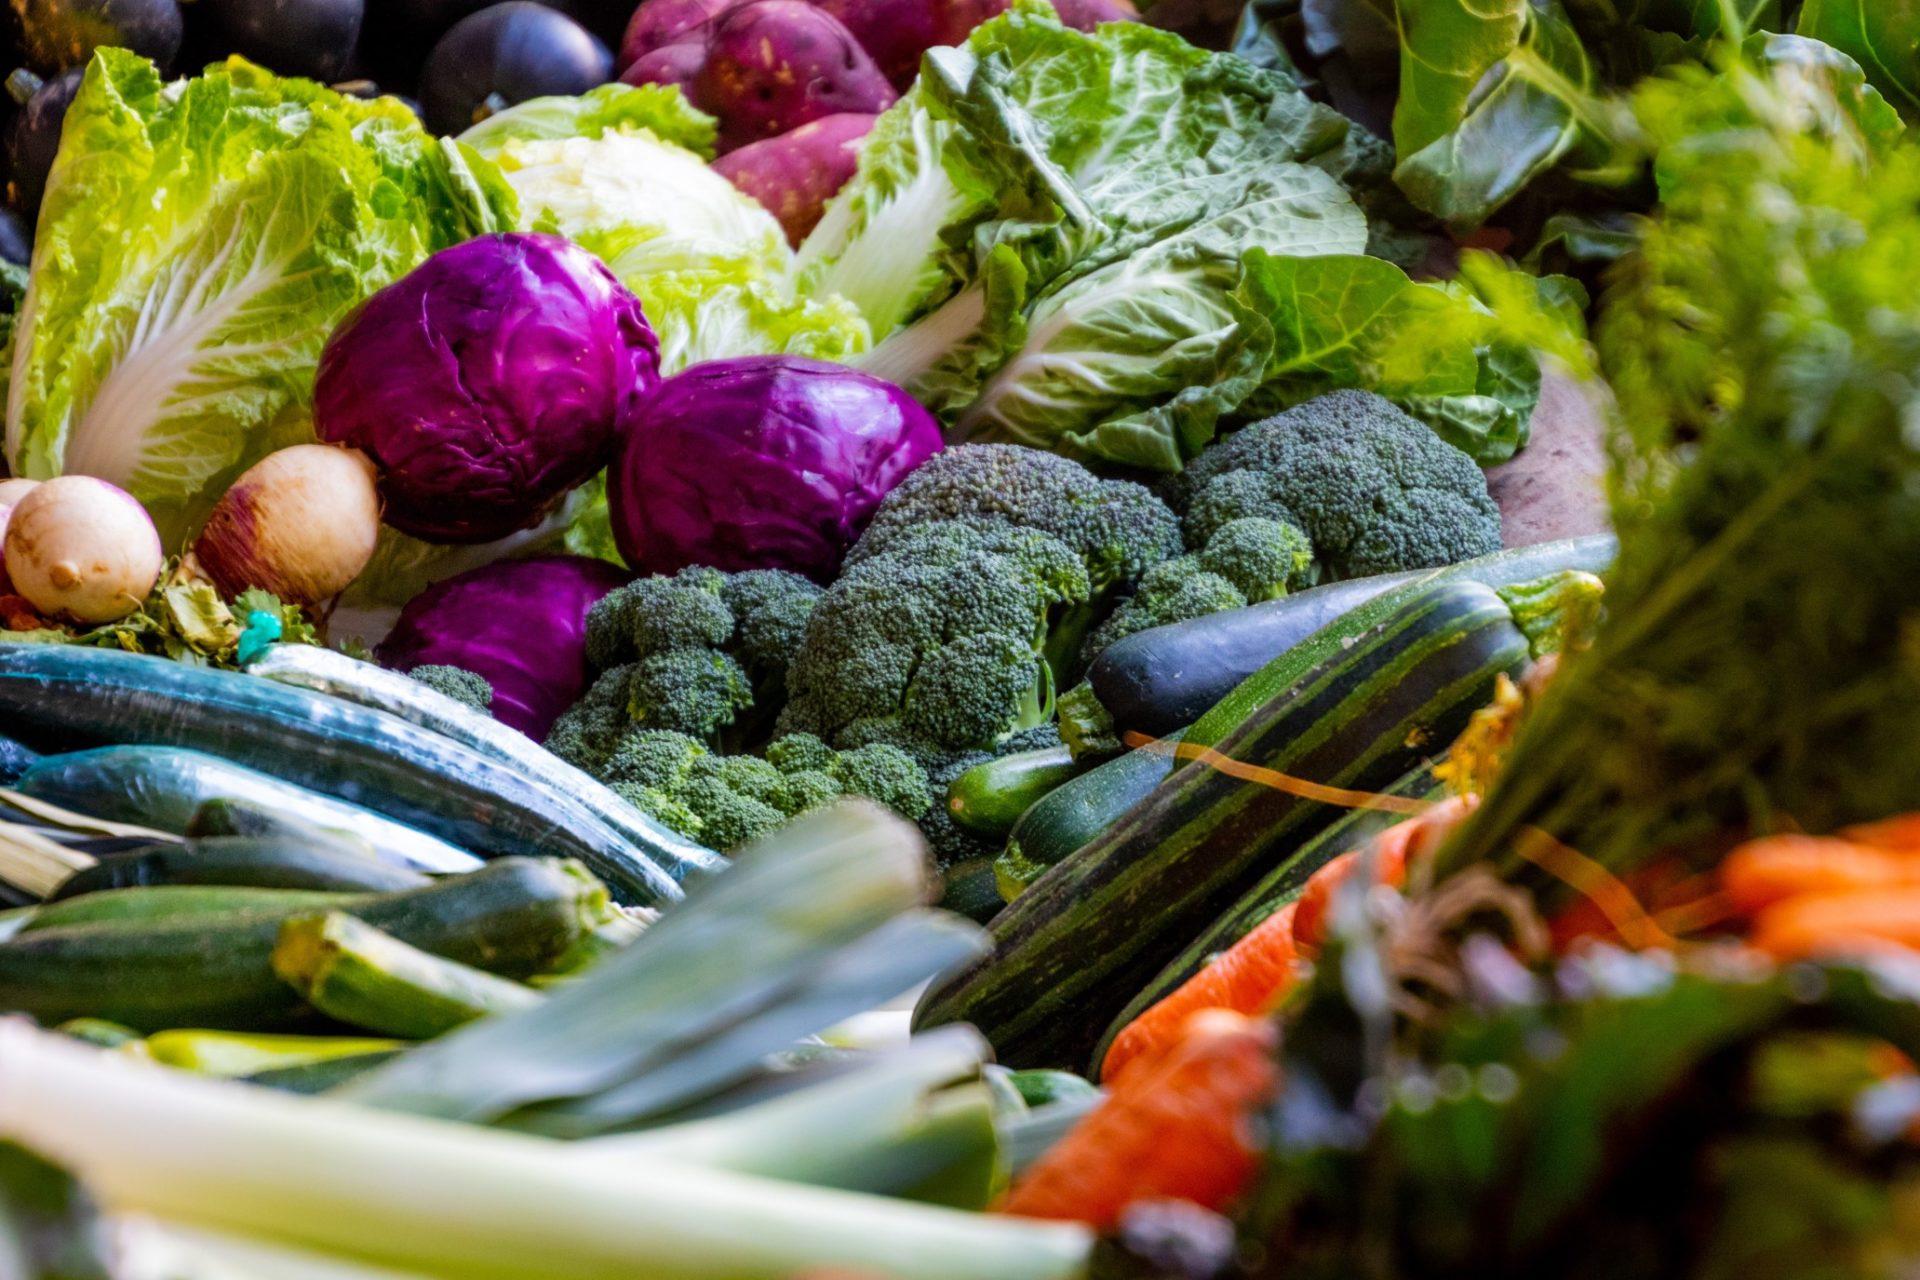 Healthy Eating Vegetables